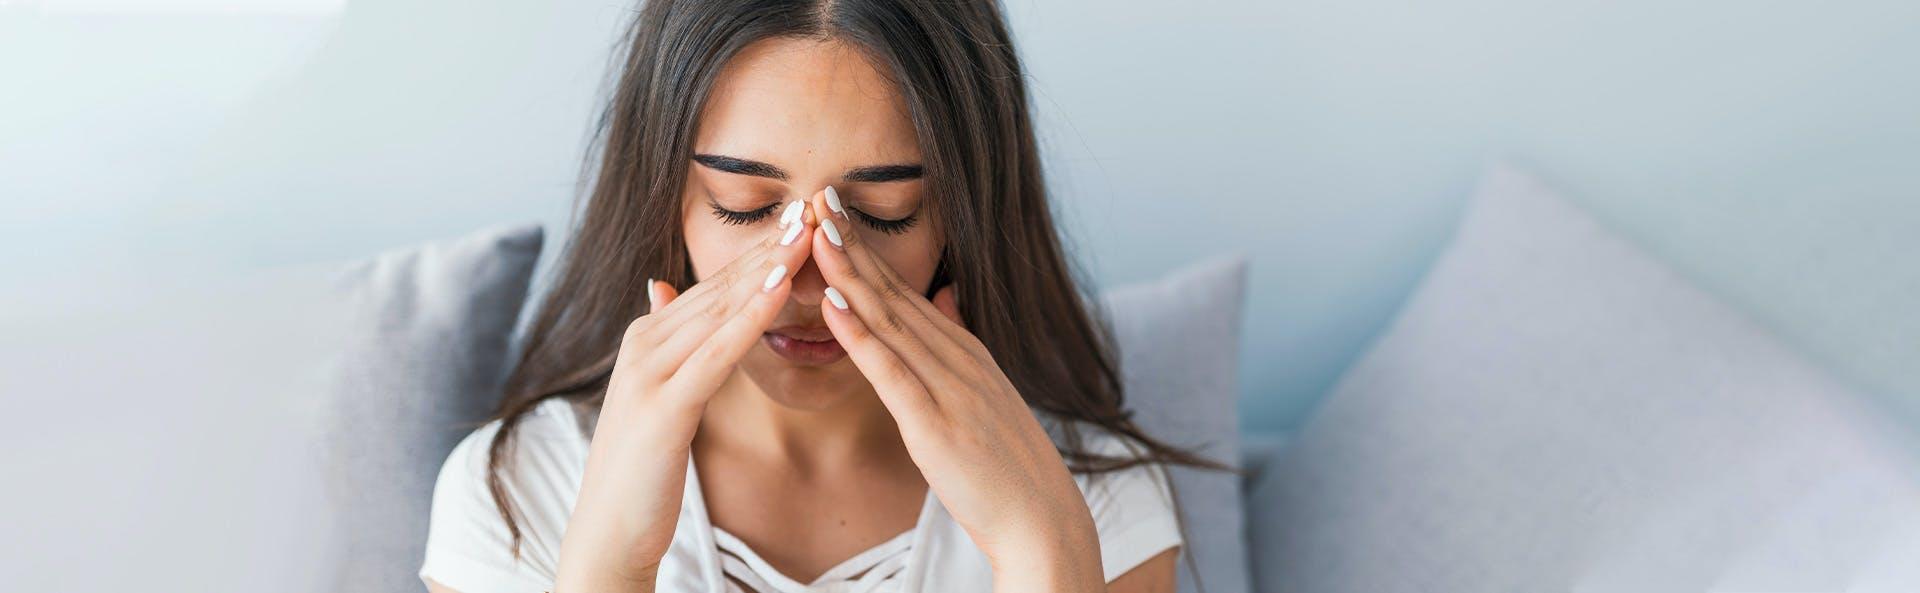 Mujer joven tocándose la nariz en señal de dolor.